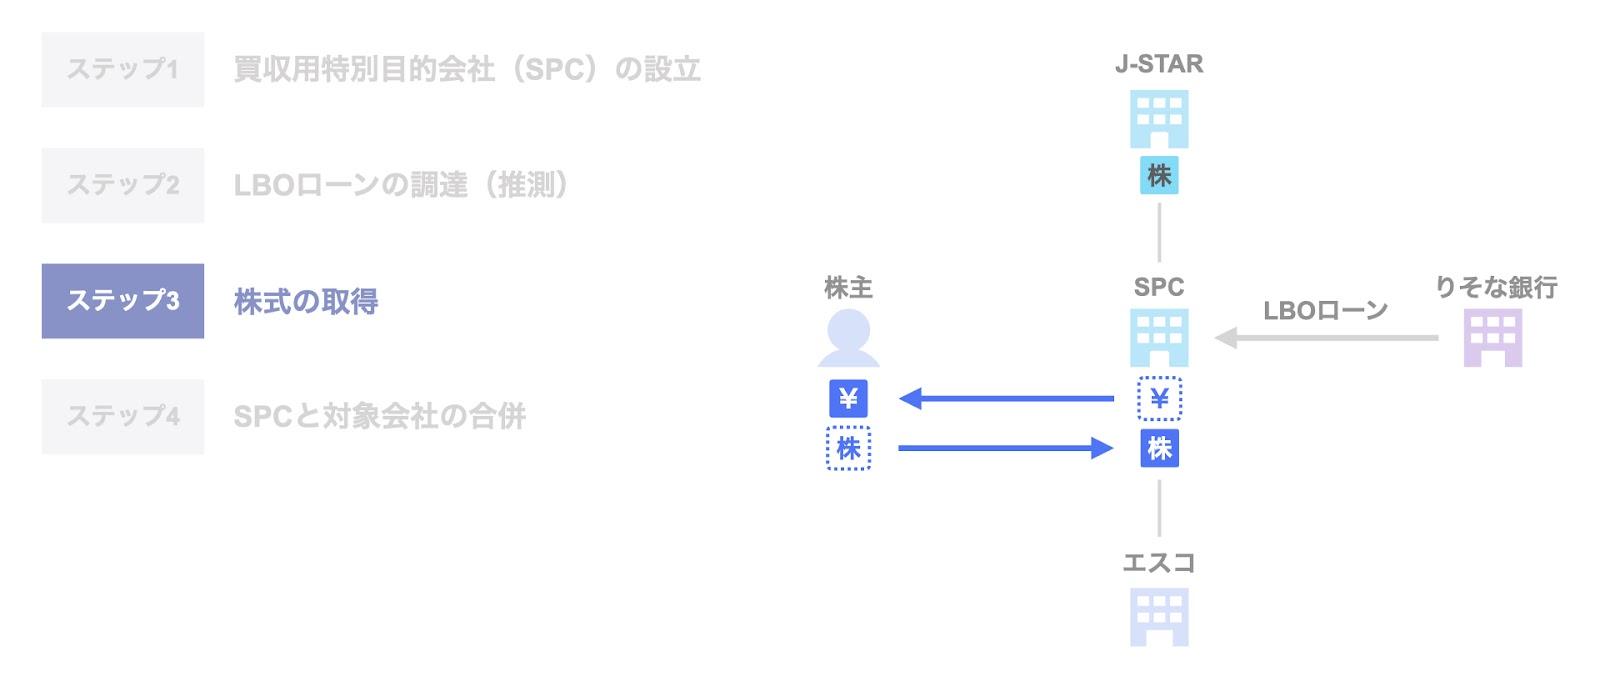 J-STARによるエスコのExit ステップ3. 株式の取得